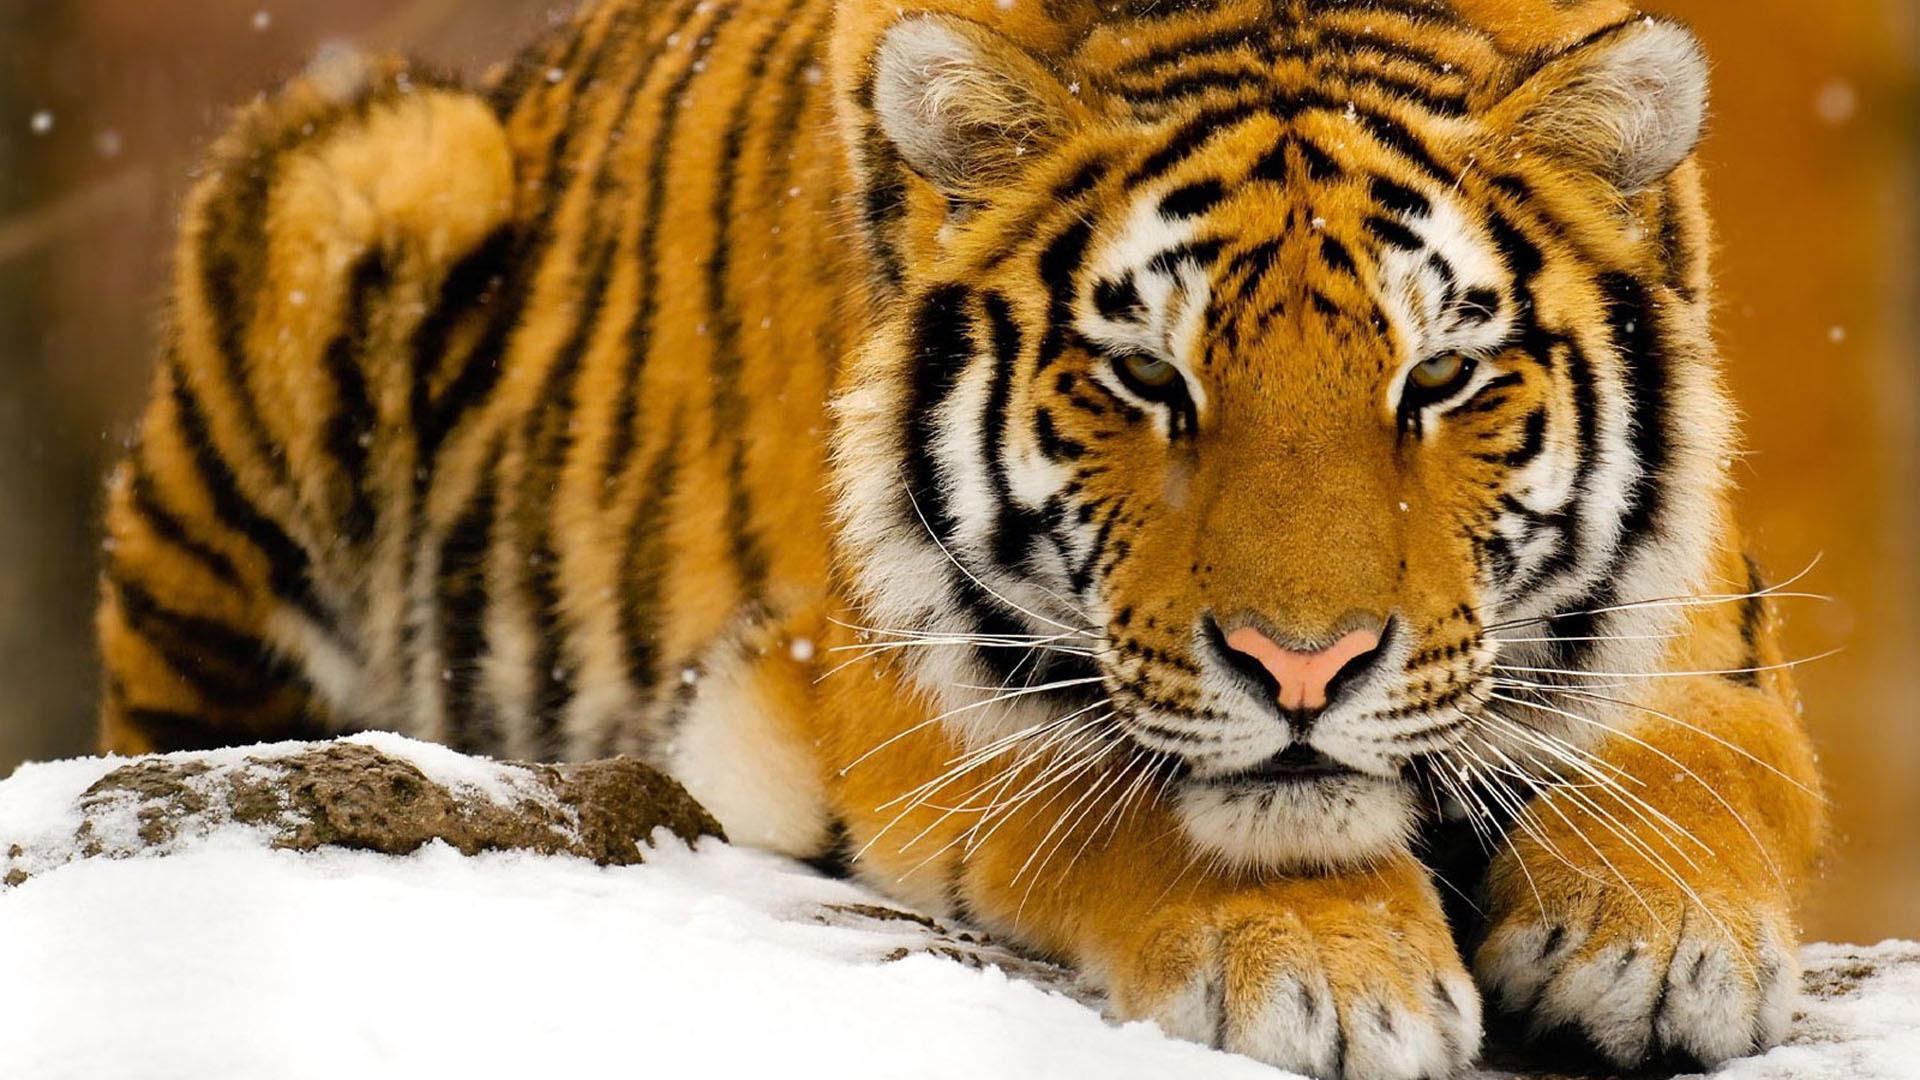 Tiger For Desktop